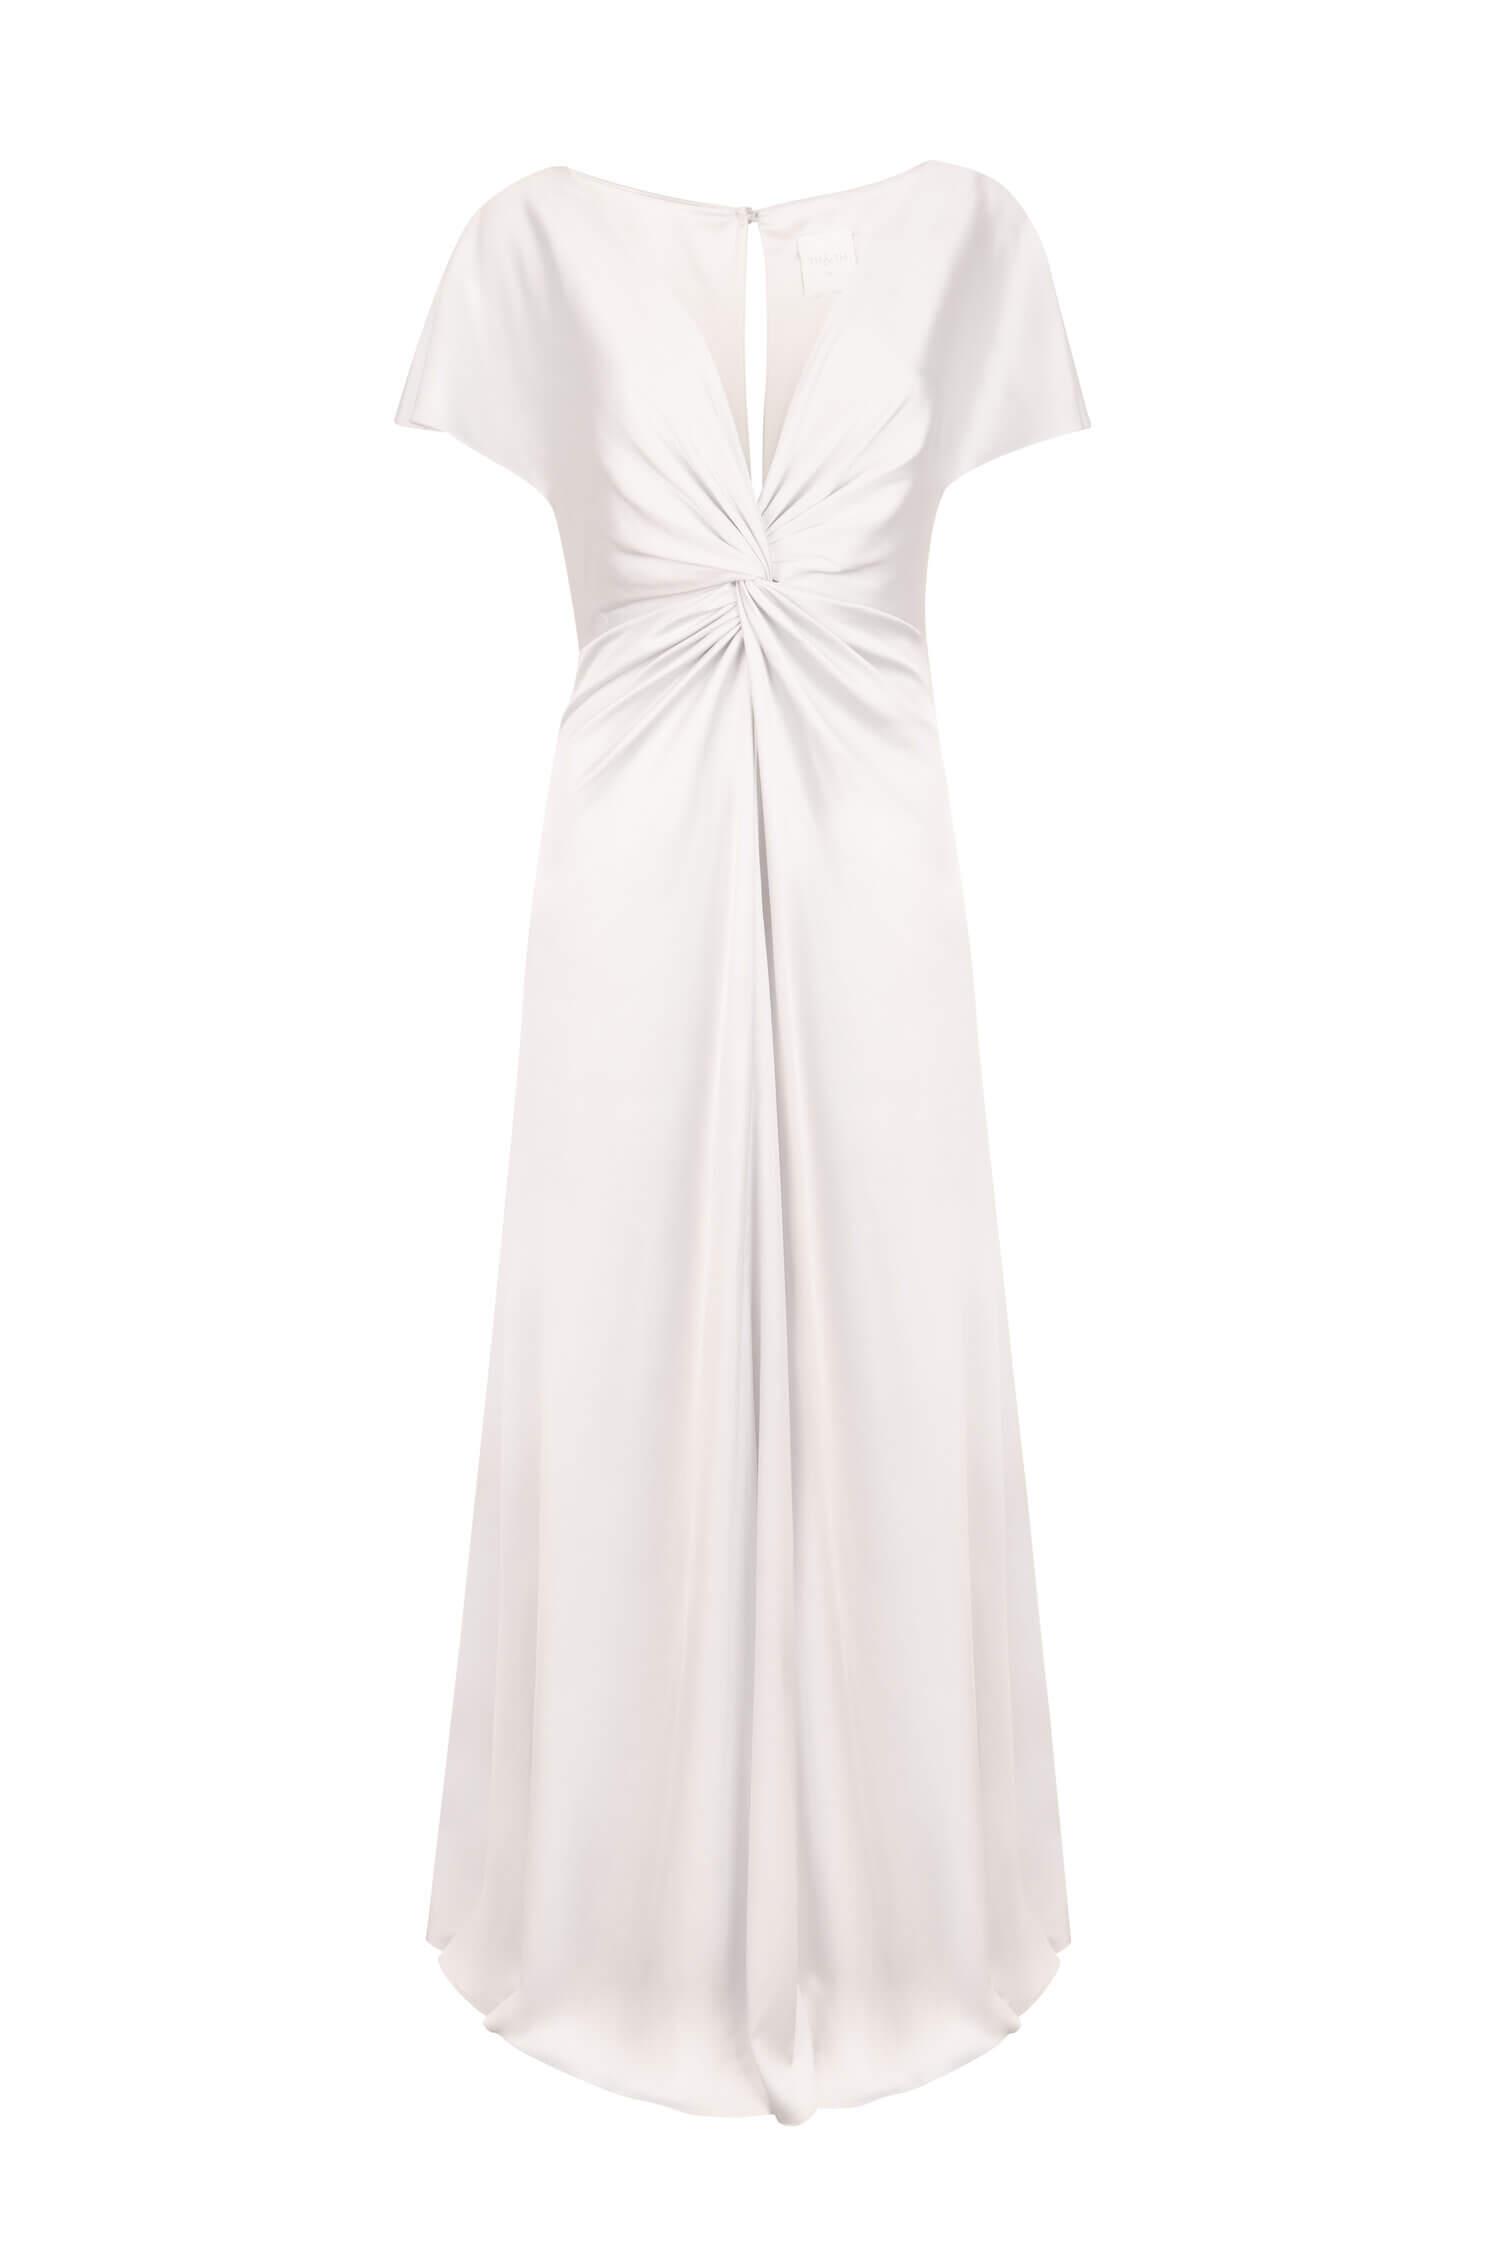 TH&H Camilla Bridesmaid Dress TH&H Bridesmaid Dress Silver White